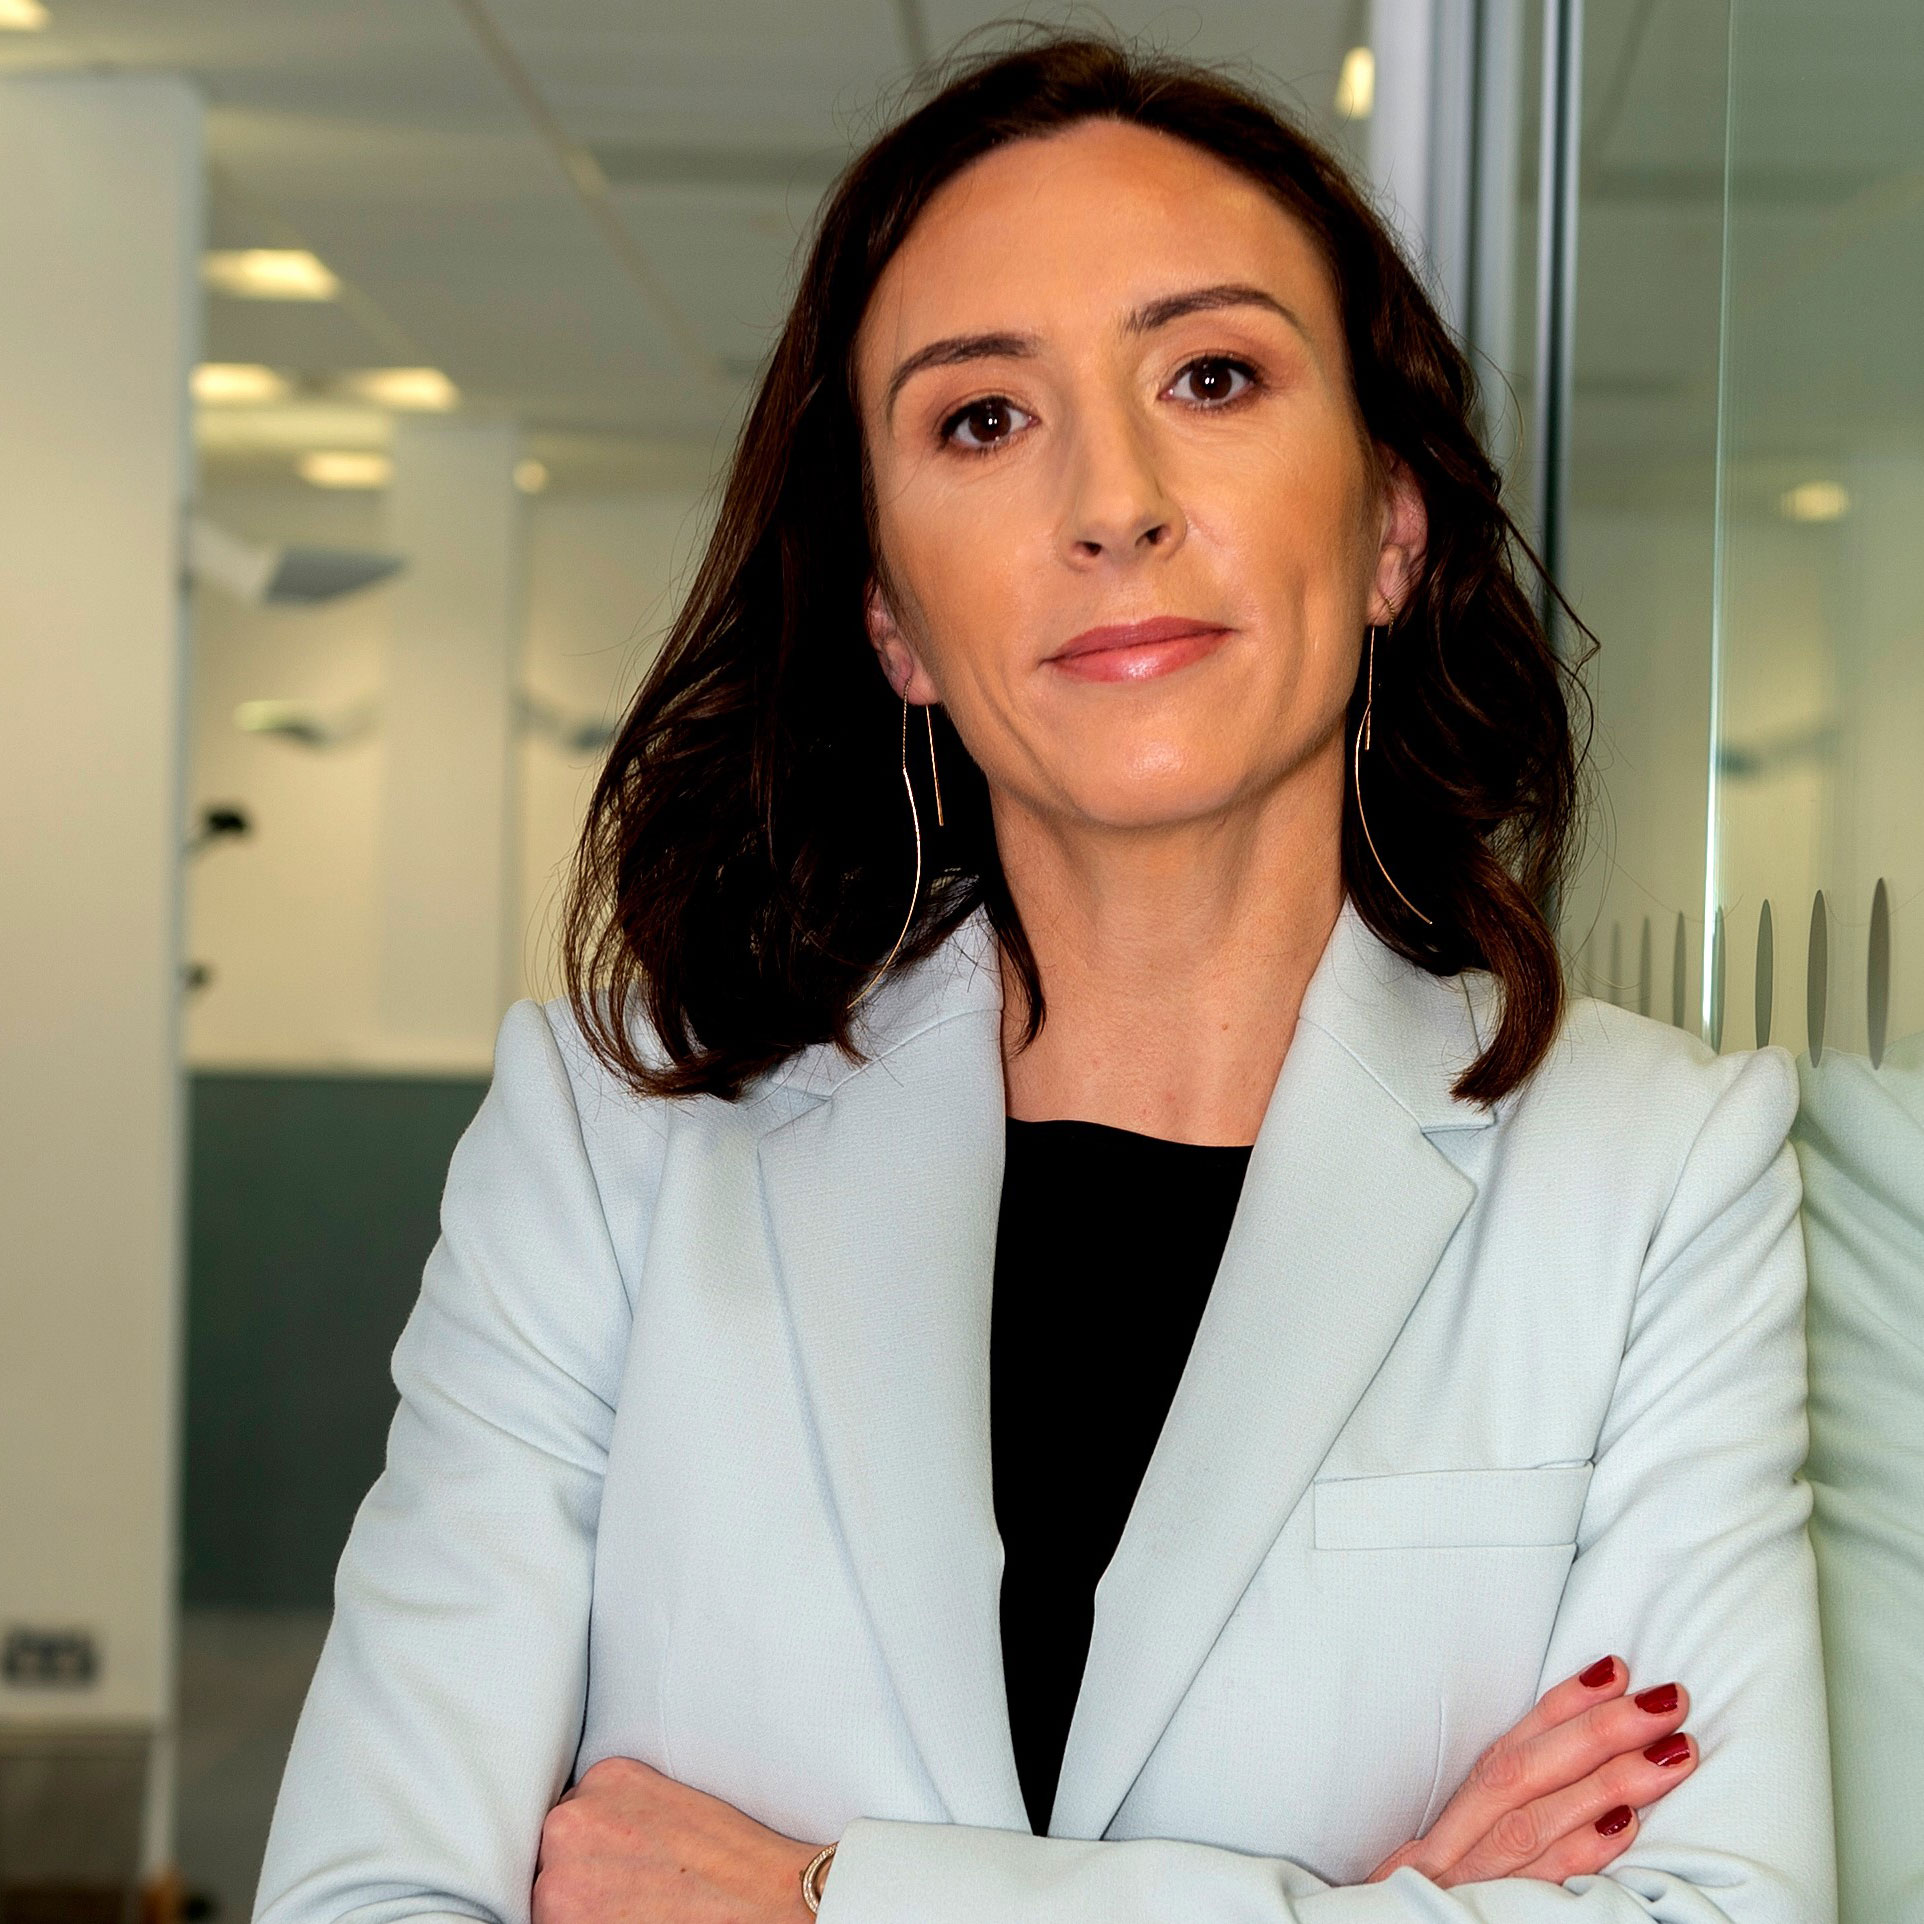 Dr. Anita Finnegan